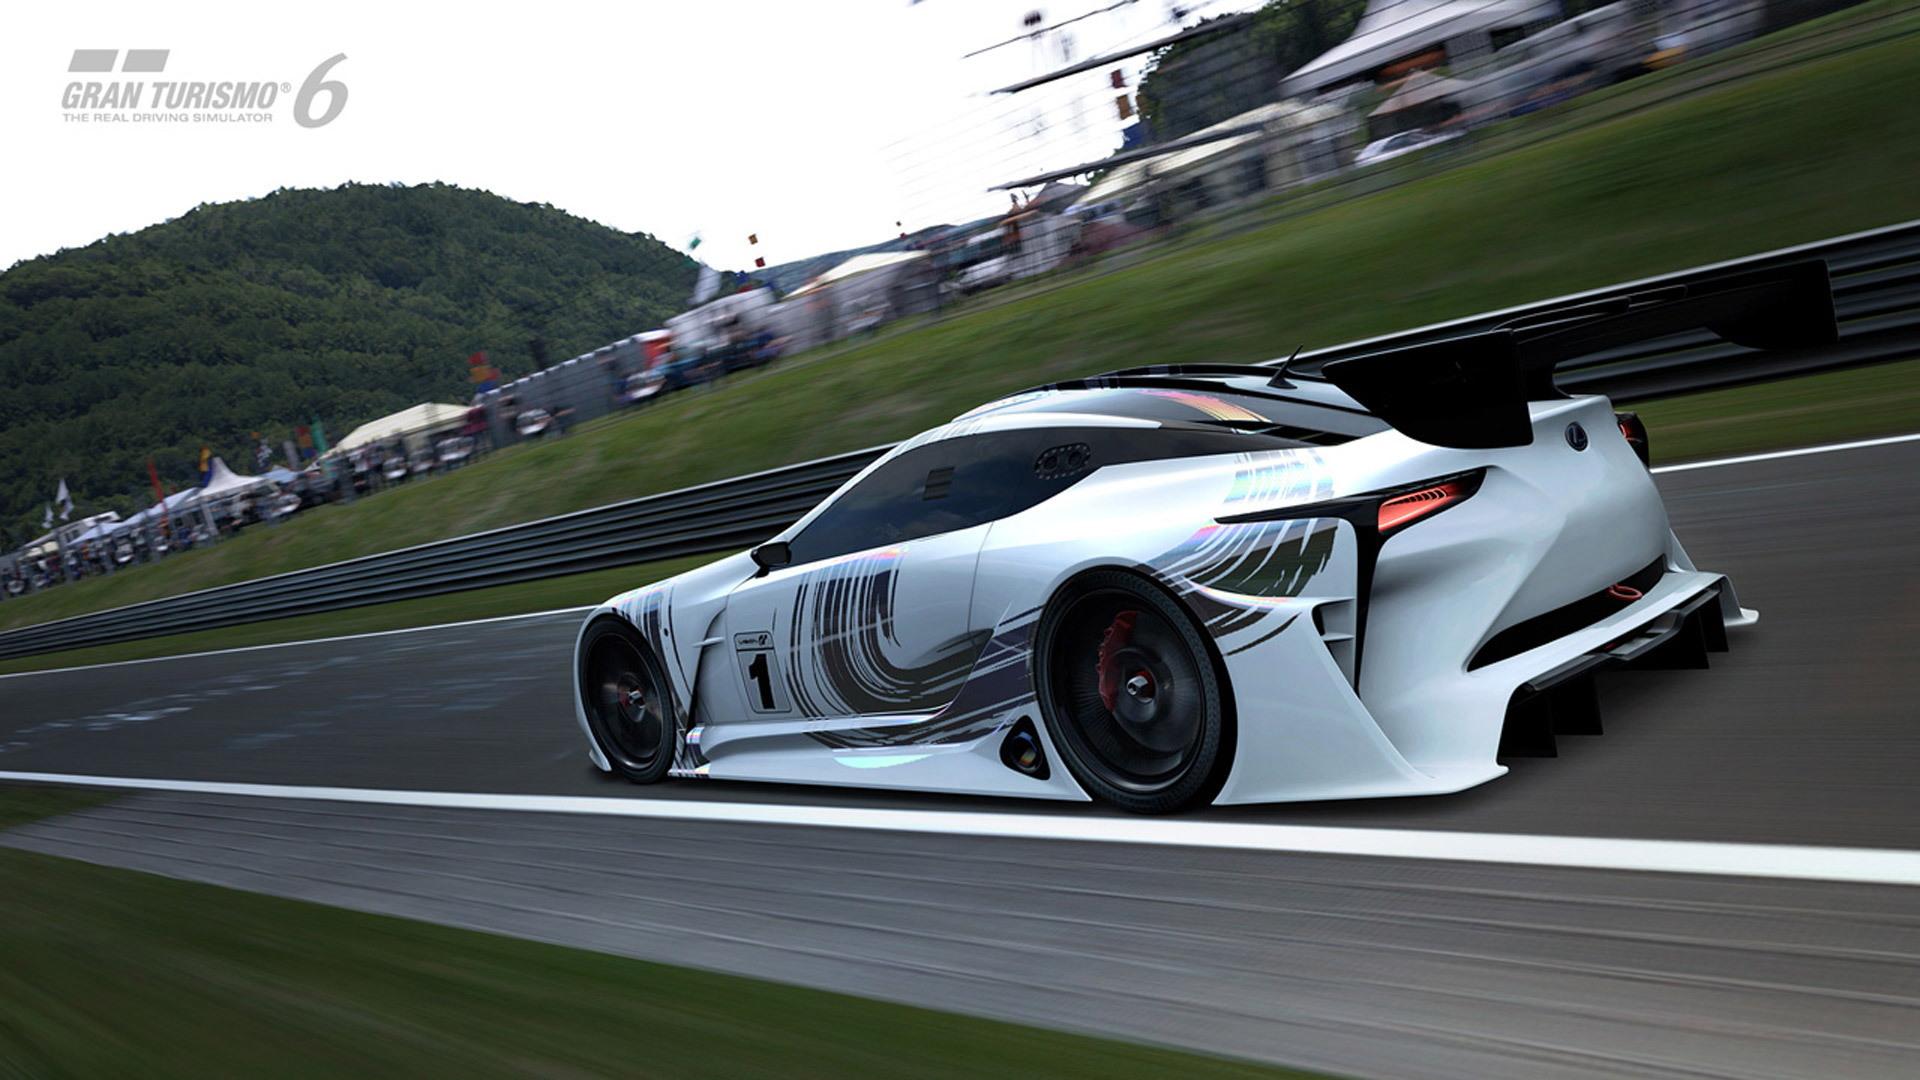 Lexus LF-LC GT Vision Gran Turismo concept